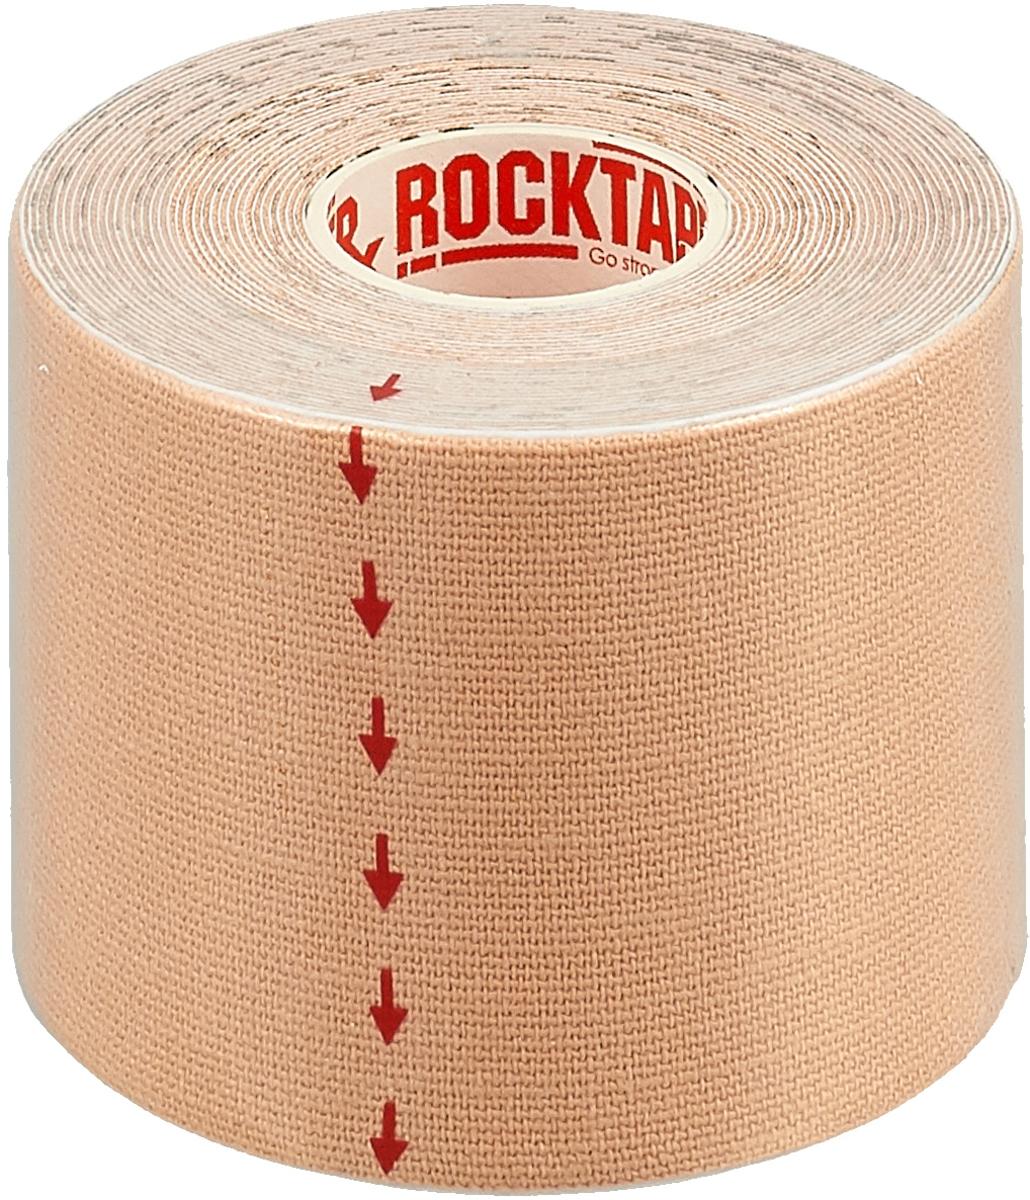 Кинезиотейп Rocktape, цвет: телесный, 5 см х 5 м кинезиотейп веерообразный rocktape precut edema strips цвет черный 20 шт